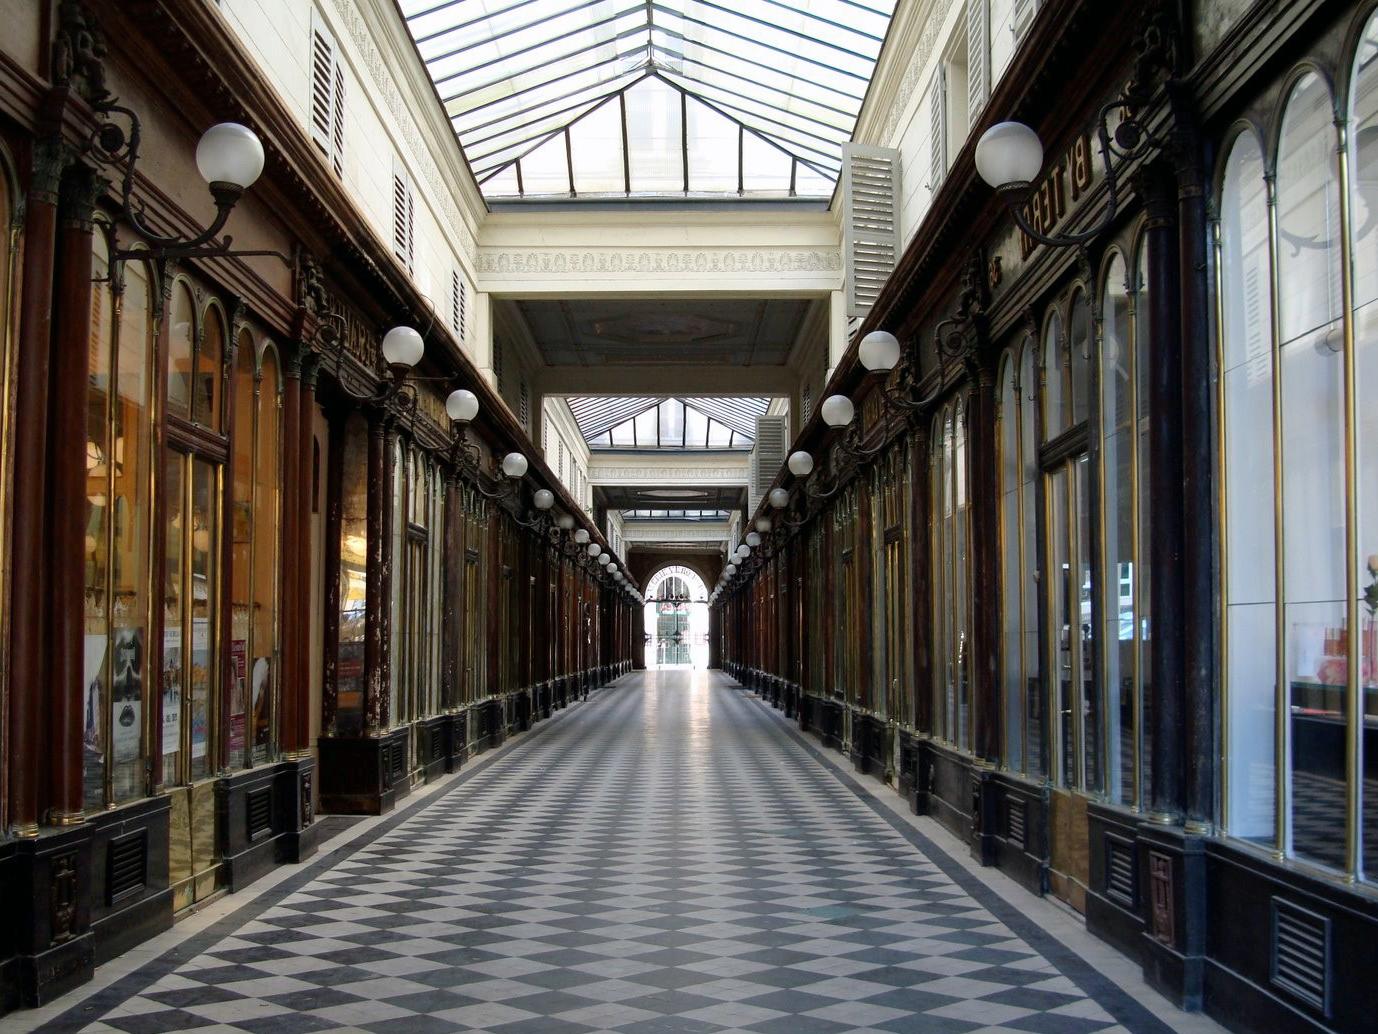 Passage-Galerie-VeroDodat